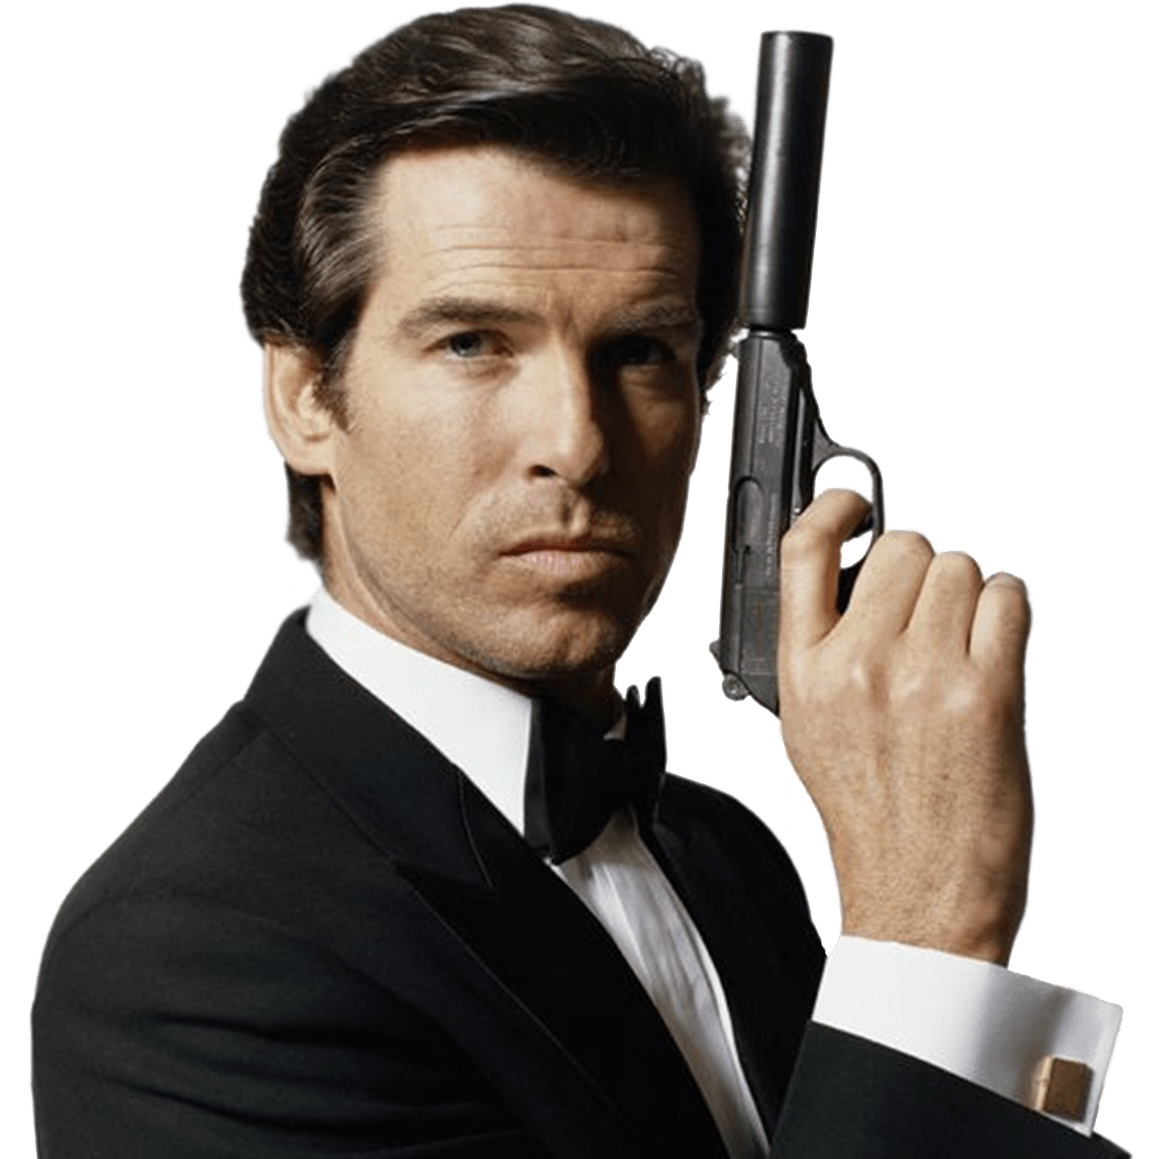 Acteurs James Bond - Lequel préférez-vous ? (CYan, comme les yeux de Daniel Craig XD ) James_Bond_%28Pierce_Brosnan%29_-_Profile